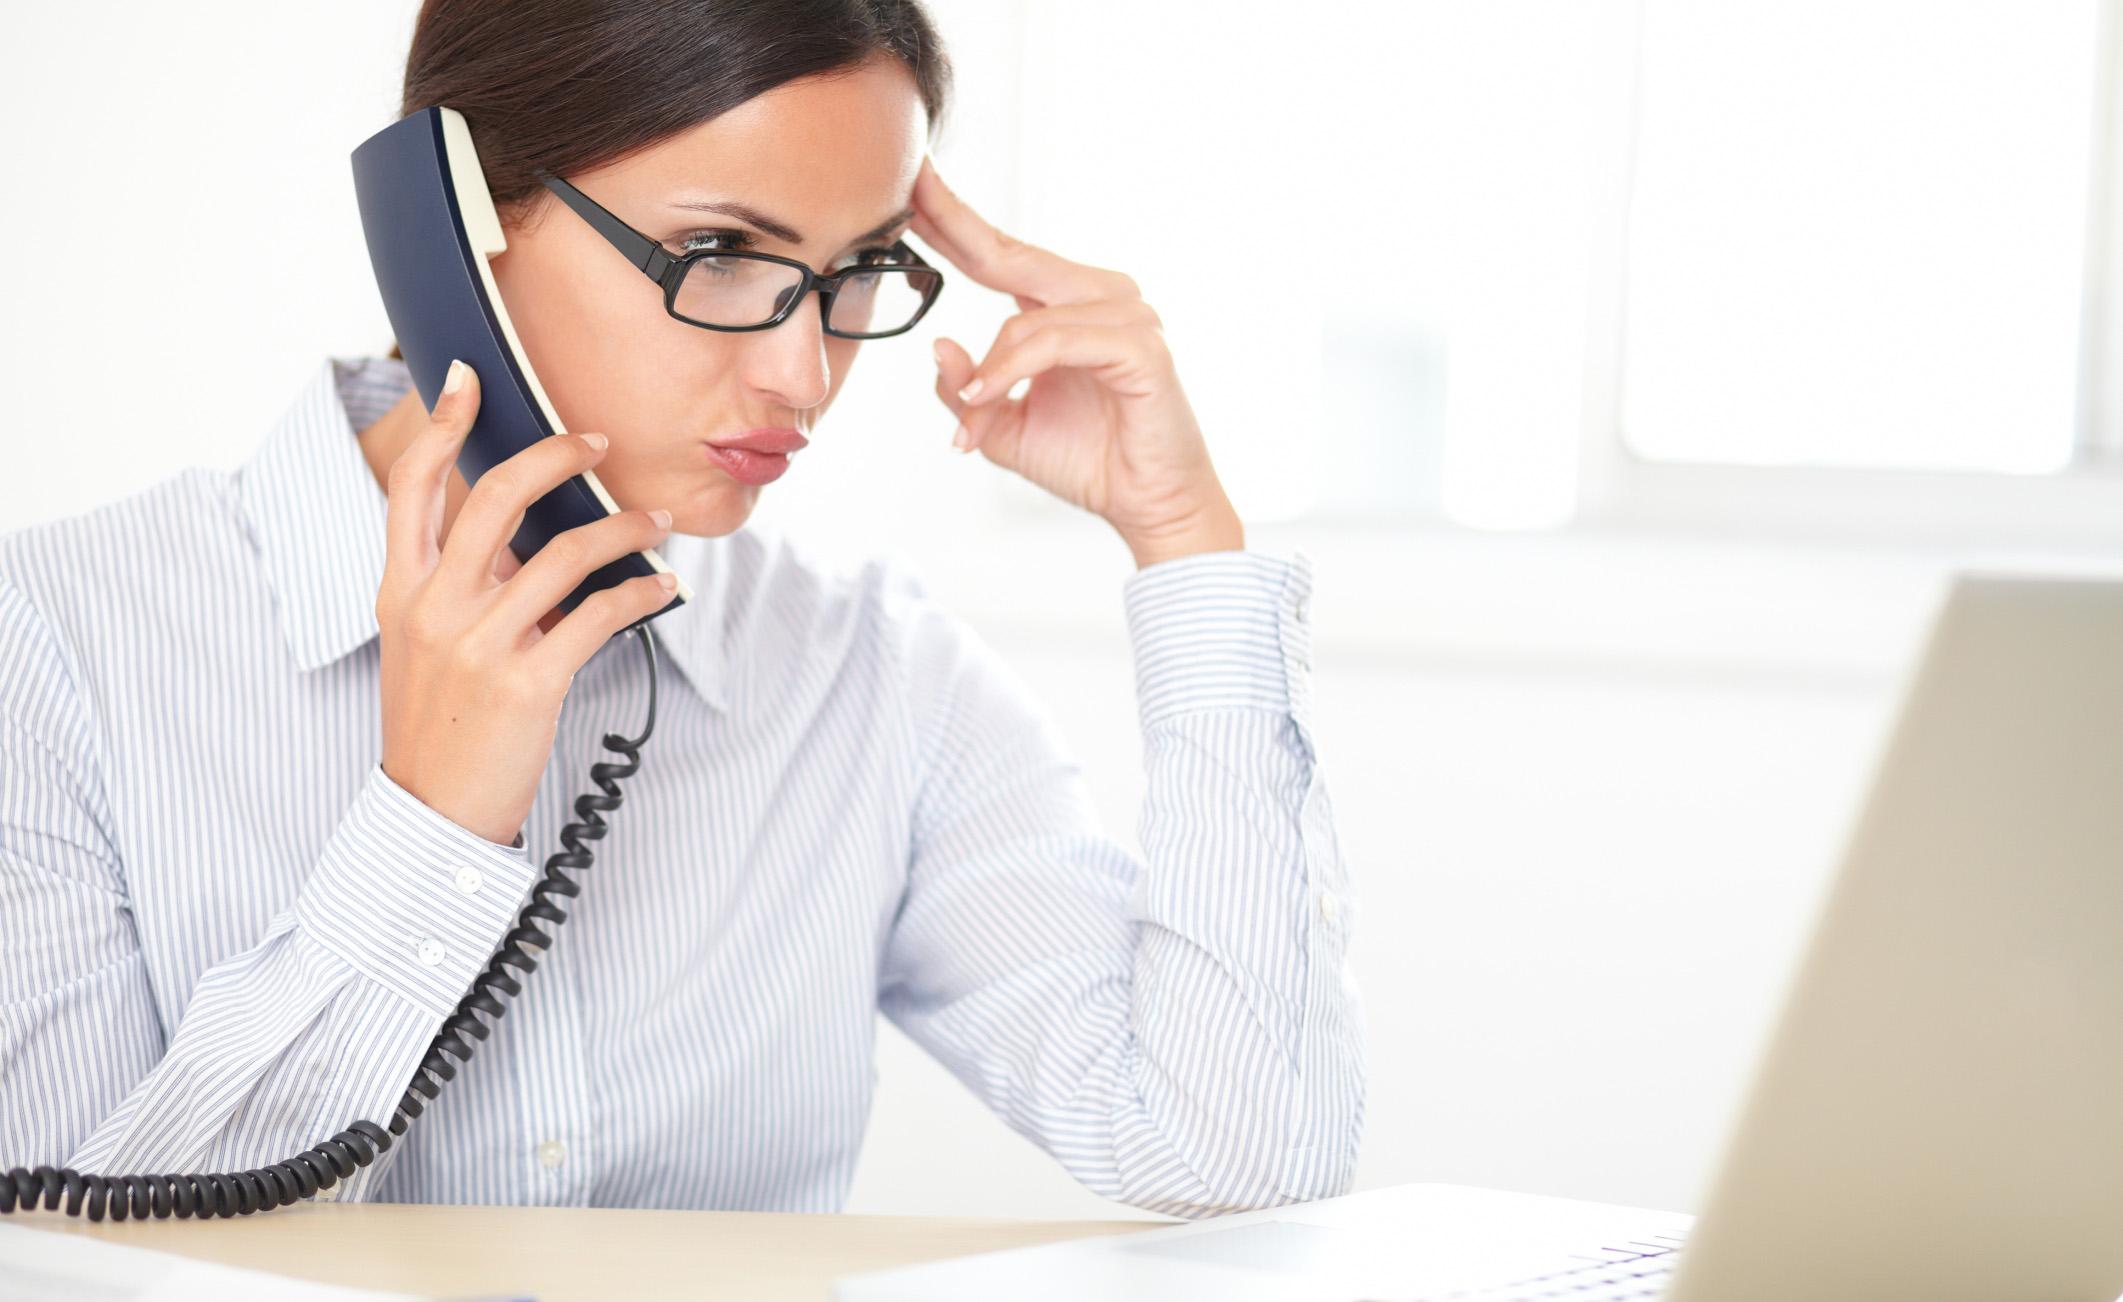 Sindrome di burnout: quando lo stress da lavoro diventa patologico